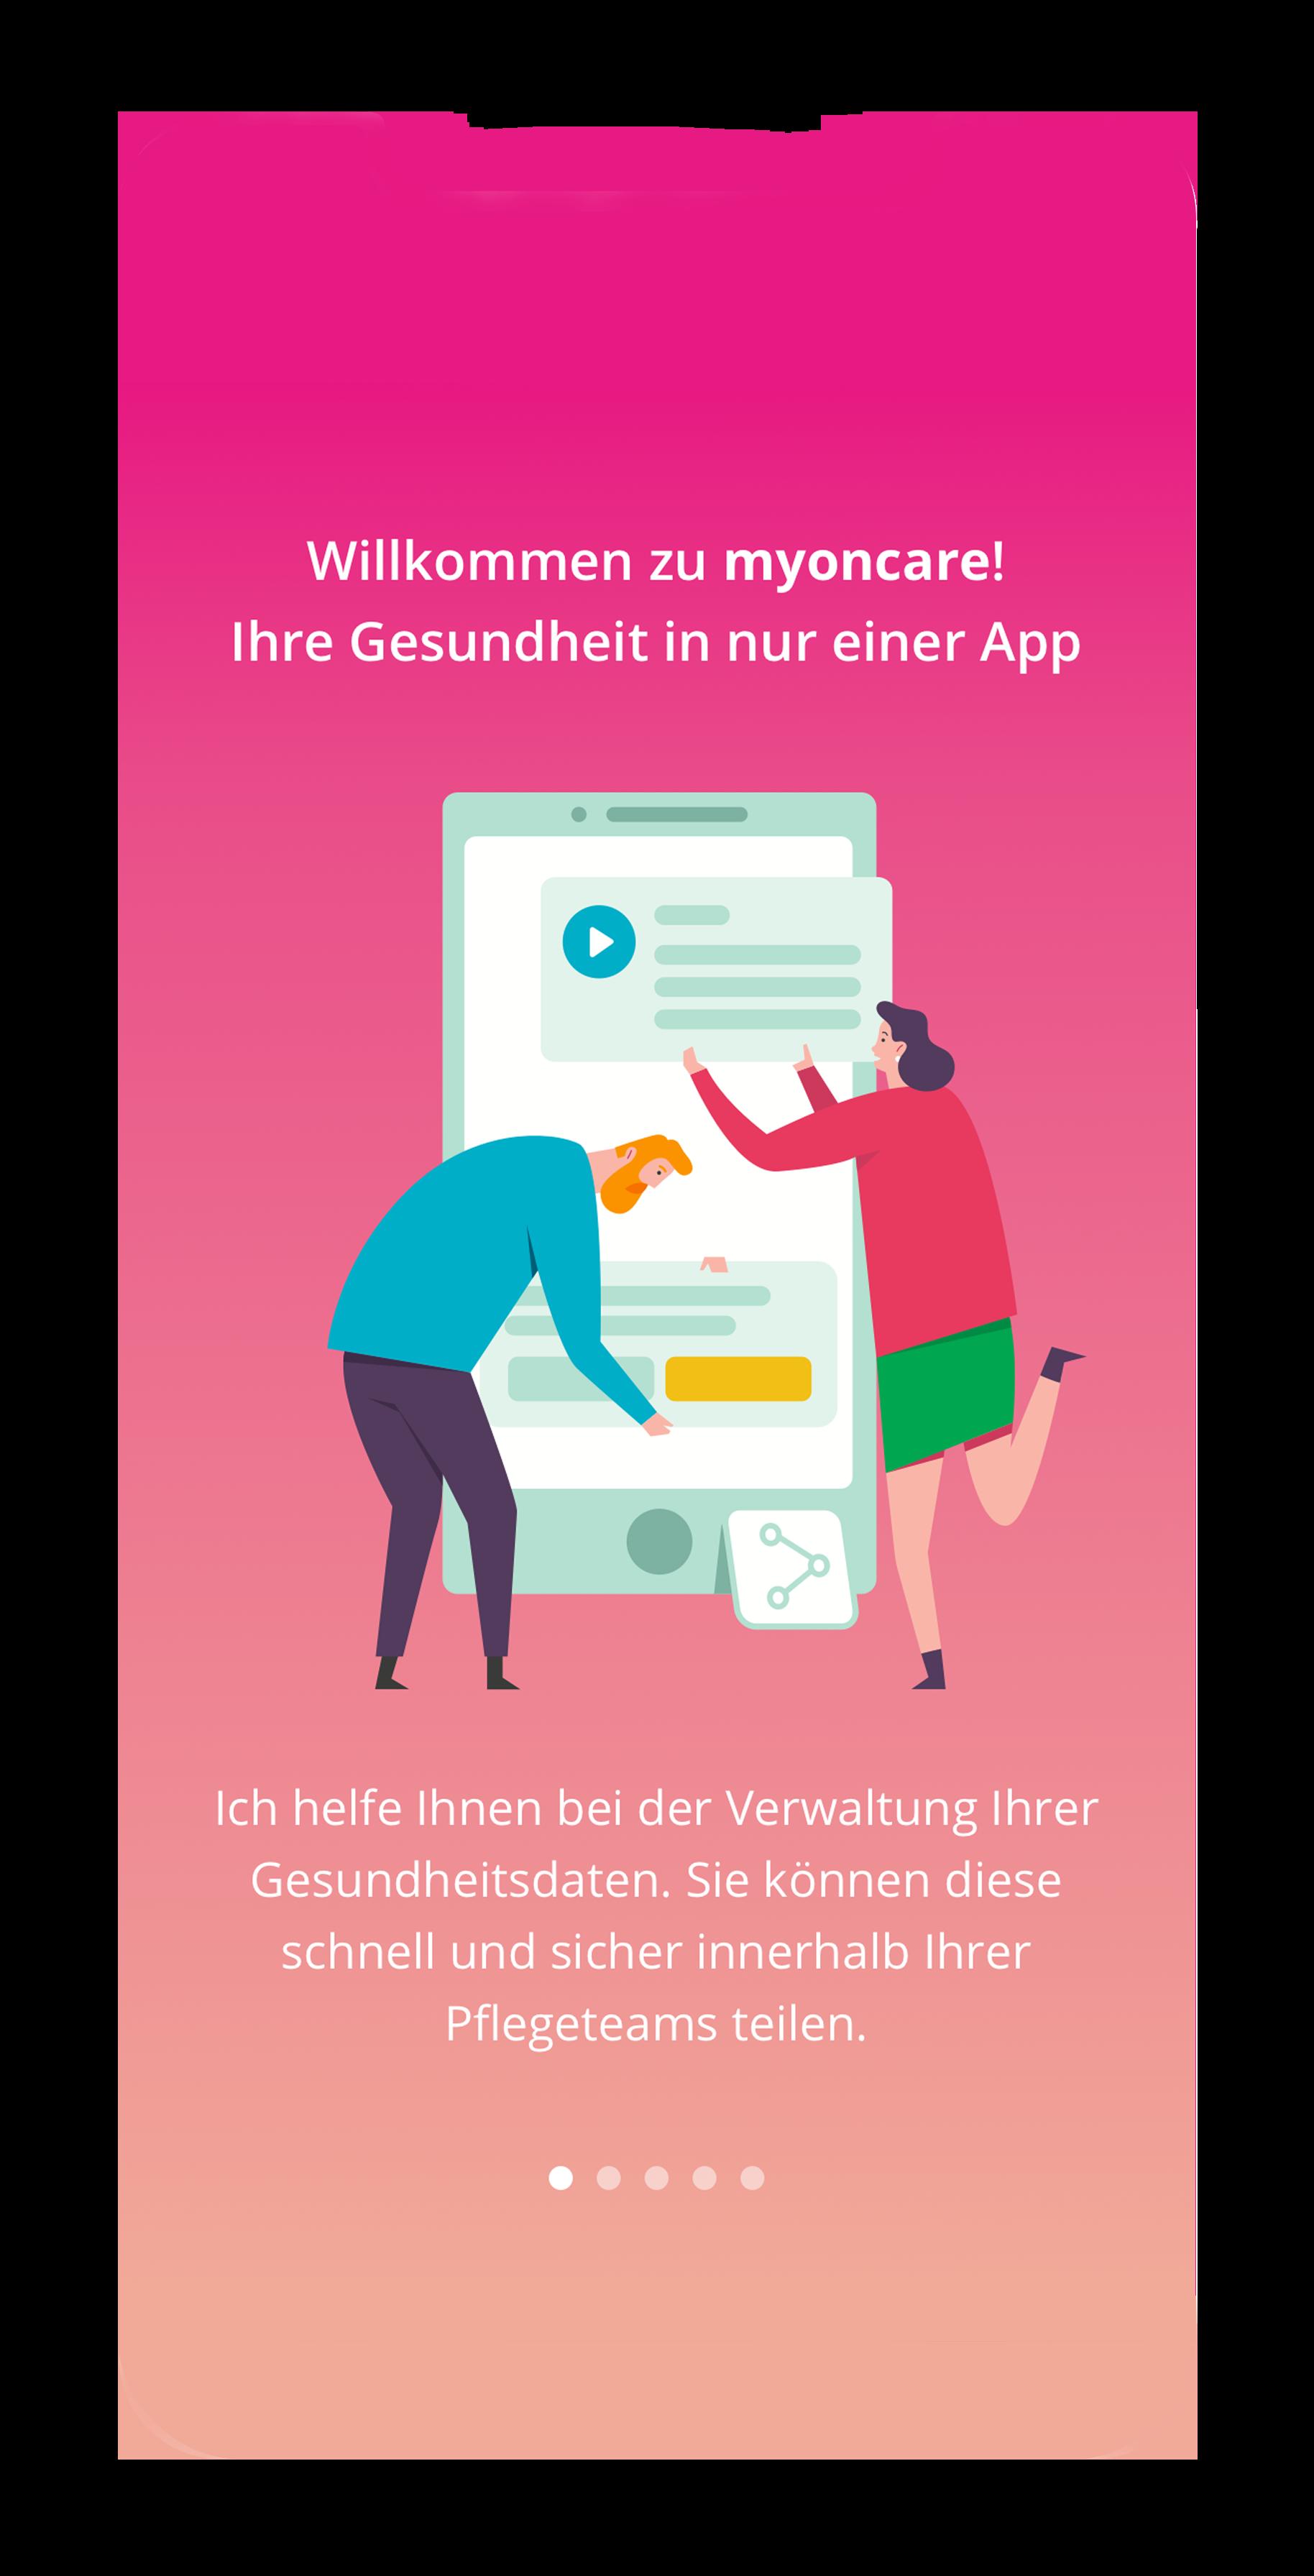 App-Erläuterungsbild